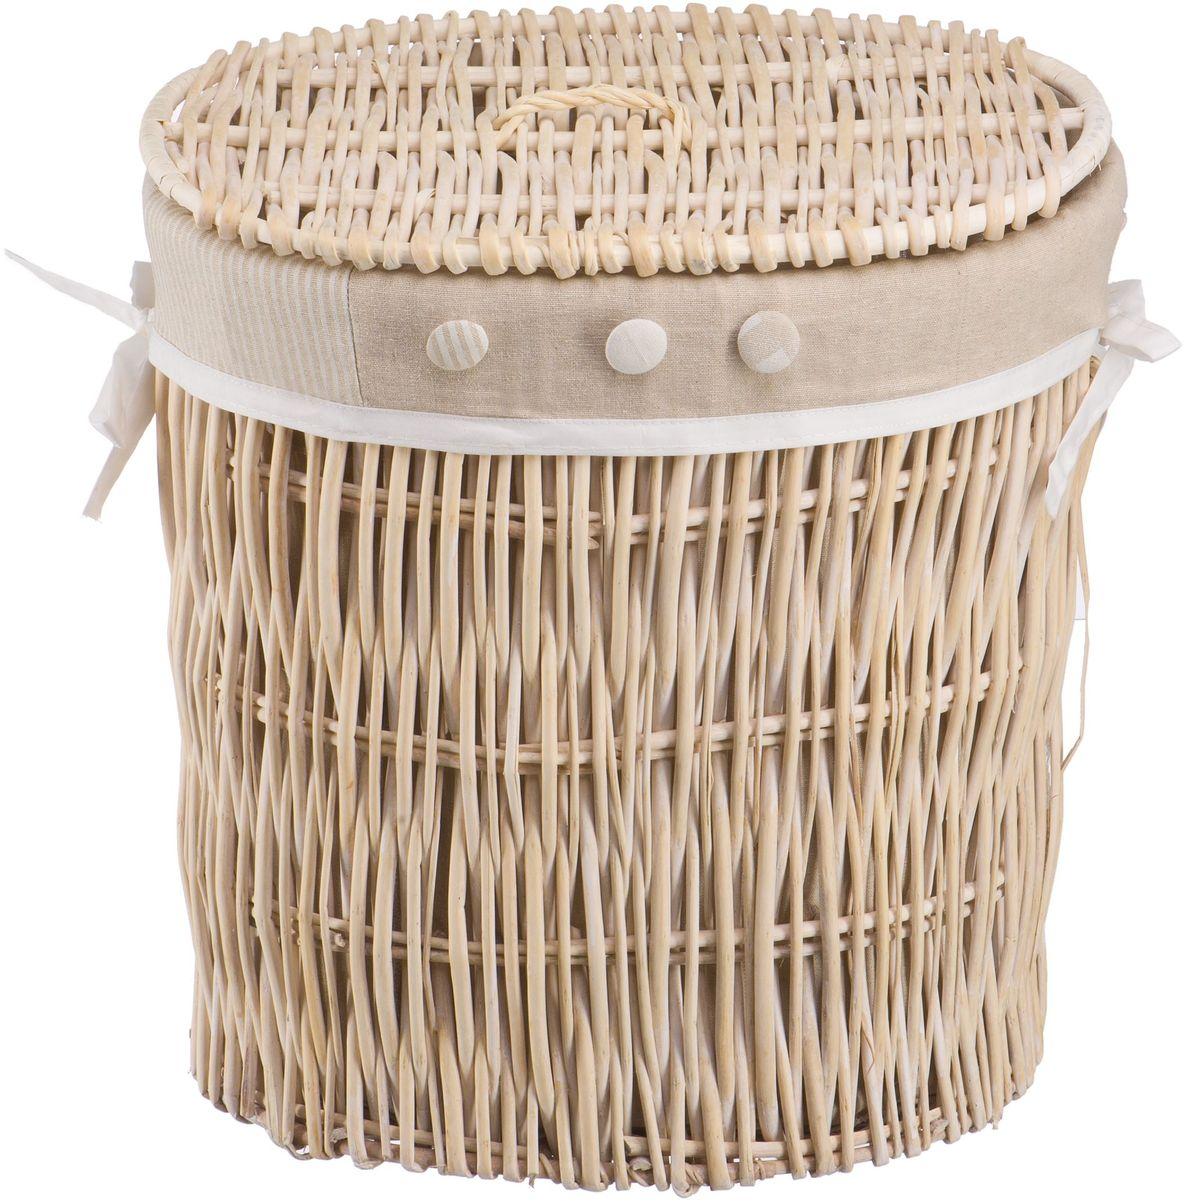 Корзина для белья Natural House Пуговка, цвет: молочный, 43 х 34 х 45 см68/5/2Бельевая корзина из лозы ивы не только удобна, практична, но и прекрасно выглядит. Высокое качество и натуральные материалы гармонично сочетаются и создают в доме уют и теплое настроение. В комплекте с корзиной идет съемный чехол, который легко снимается и стирается.